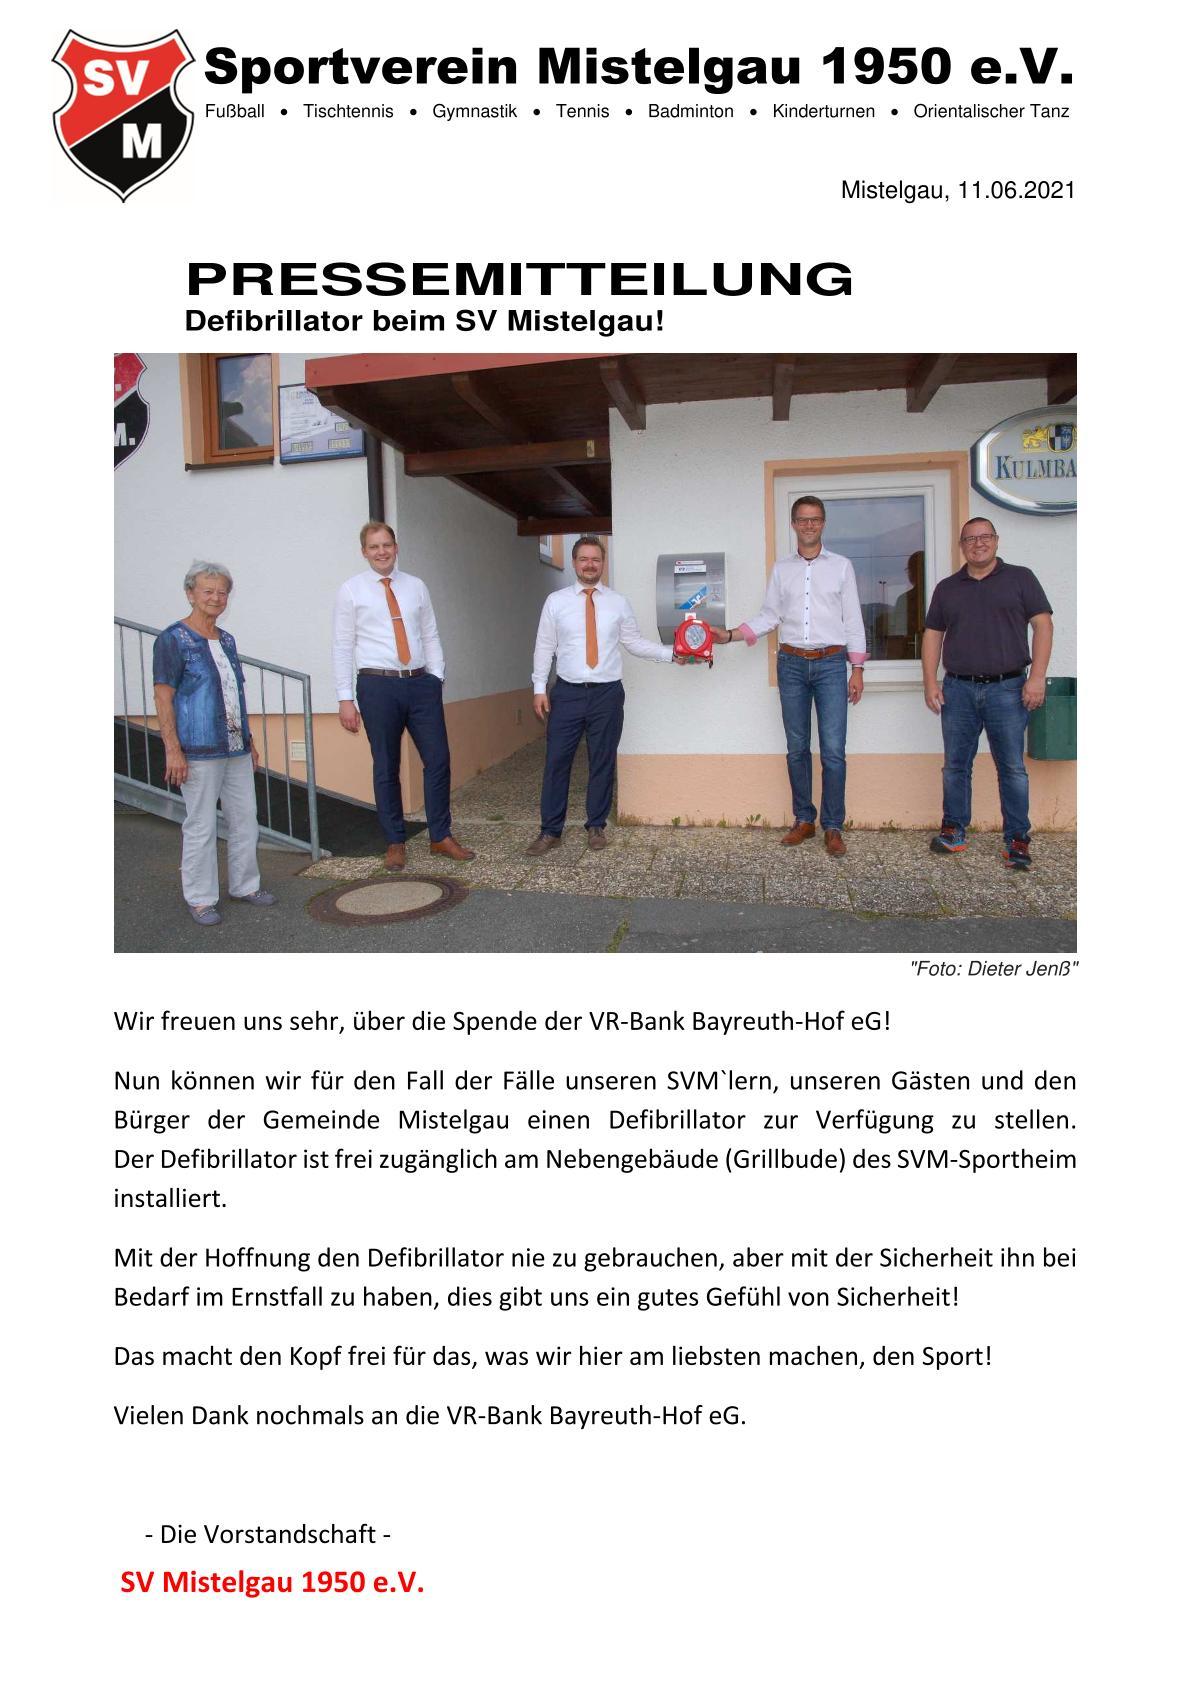 Pressemitteilung_Defi_SVM